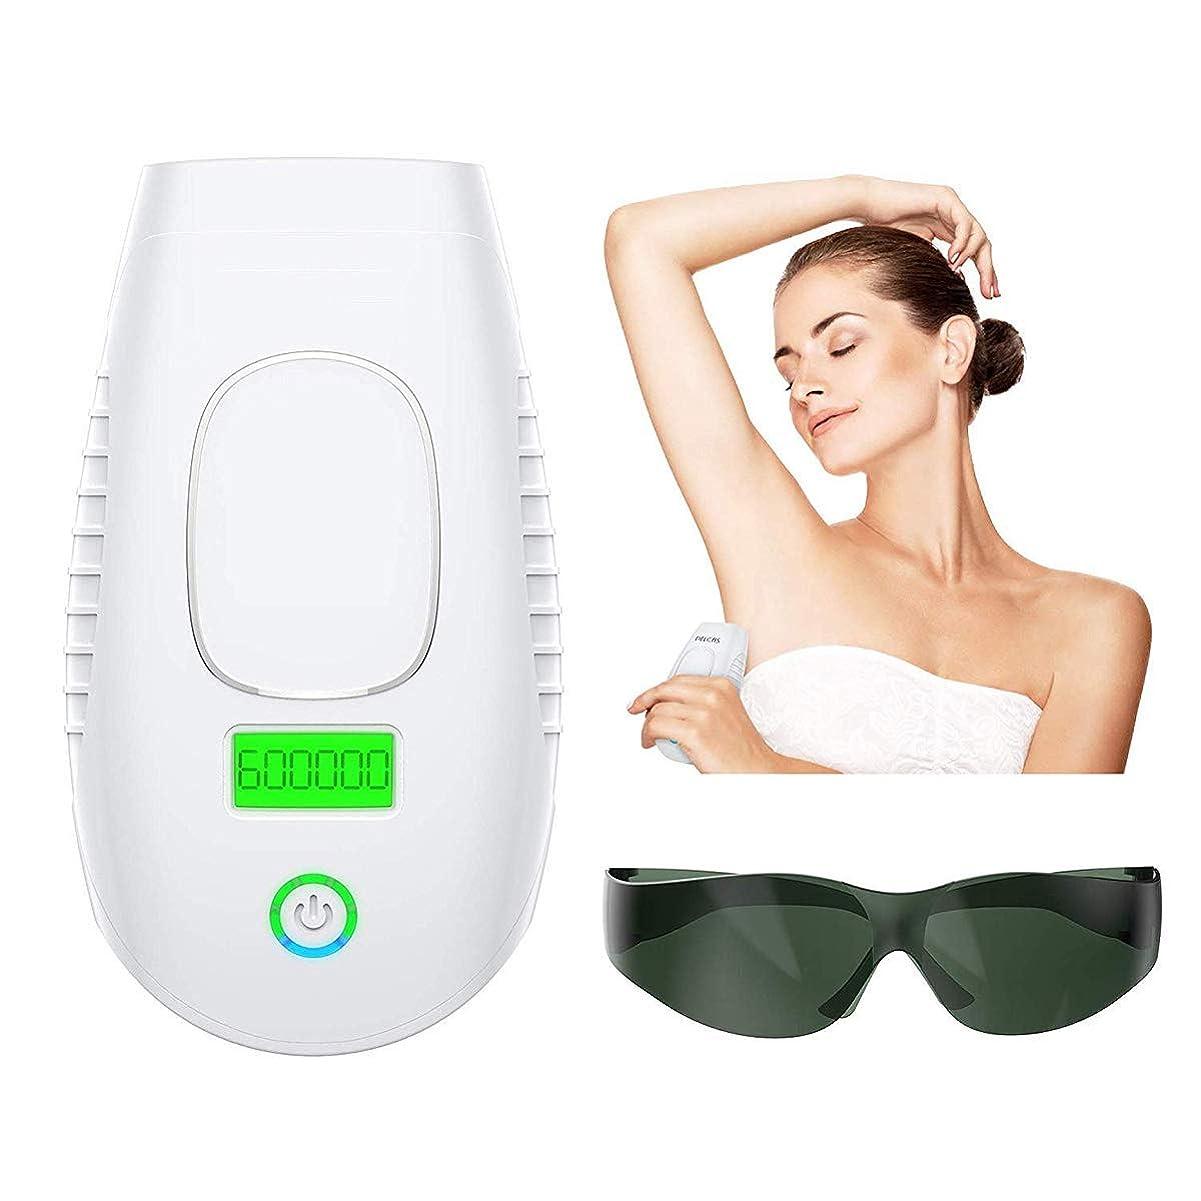 速記失速現れるパーマネントヘアリムーバルIPL 6システムデバイス600,000回点滅家庭用電気シェーバー-男性と女性の無痛の体の脚の脱毛